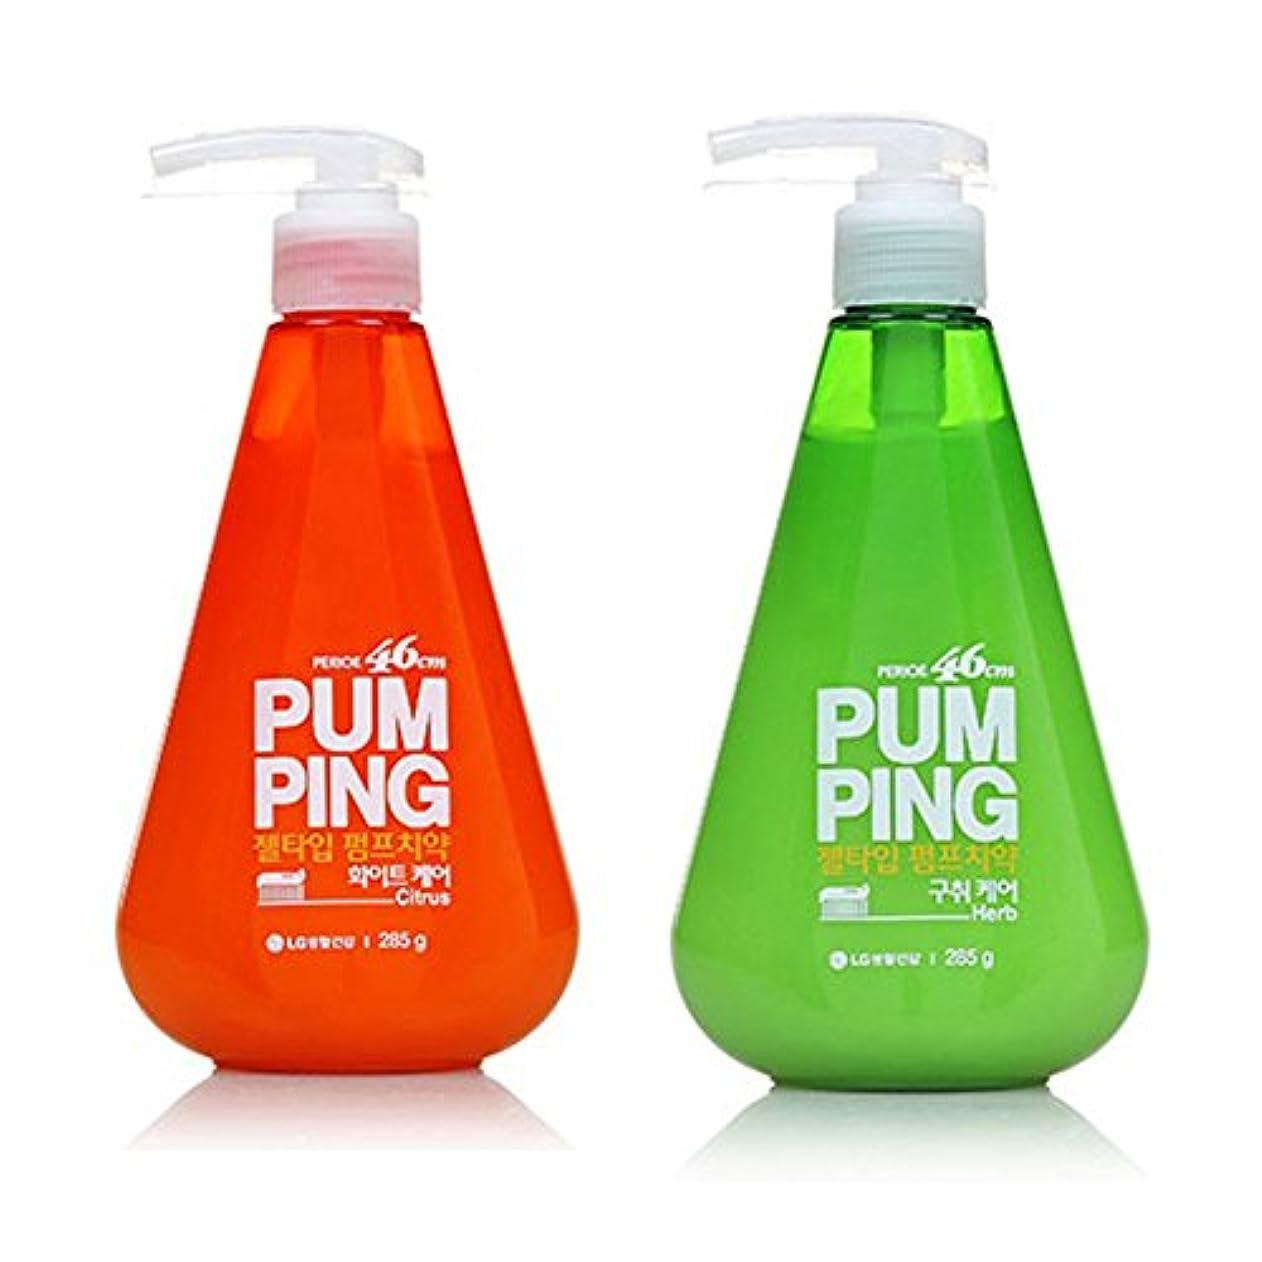 起点奨励スピーカー(ぺリオ) PERIO ソンジュンギ 歯磨き粉 ポンピング大容量 285g*2個 (シトラス+ハーブ) [並行輸入品]